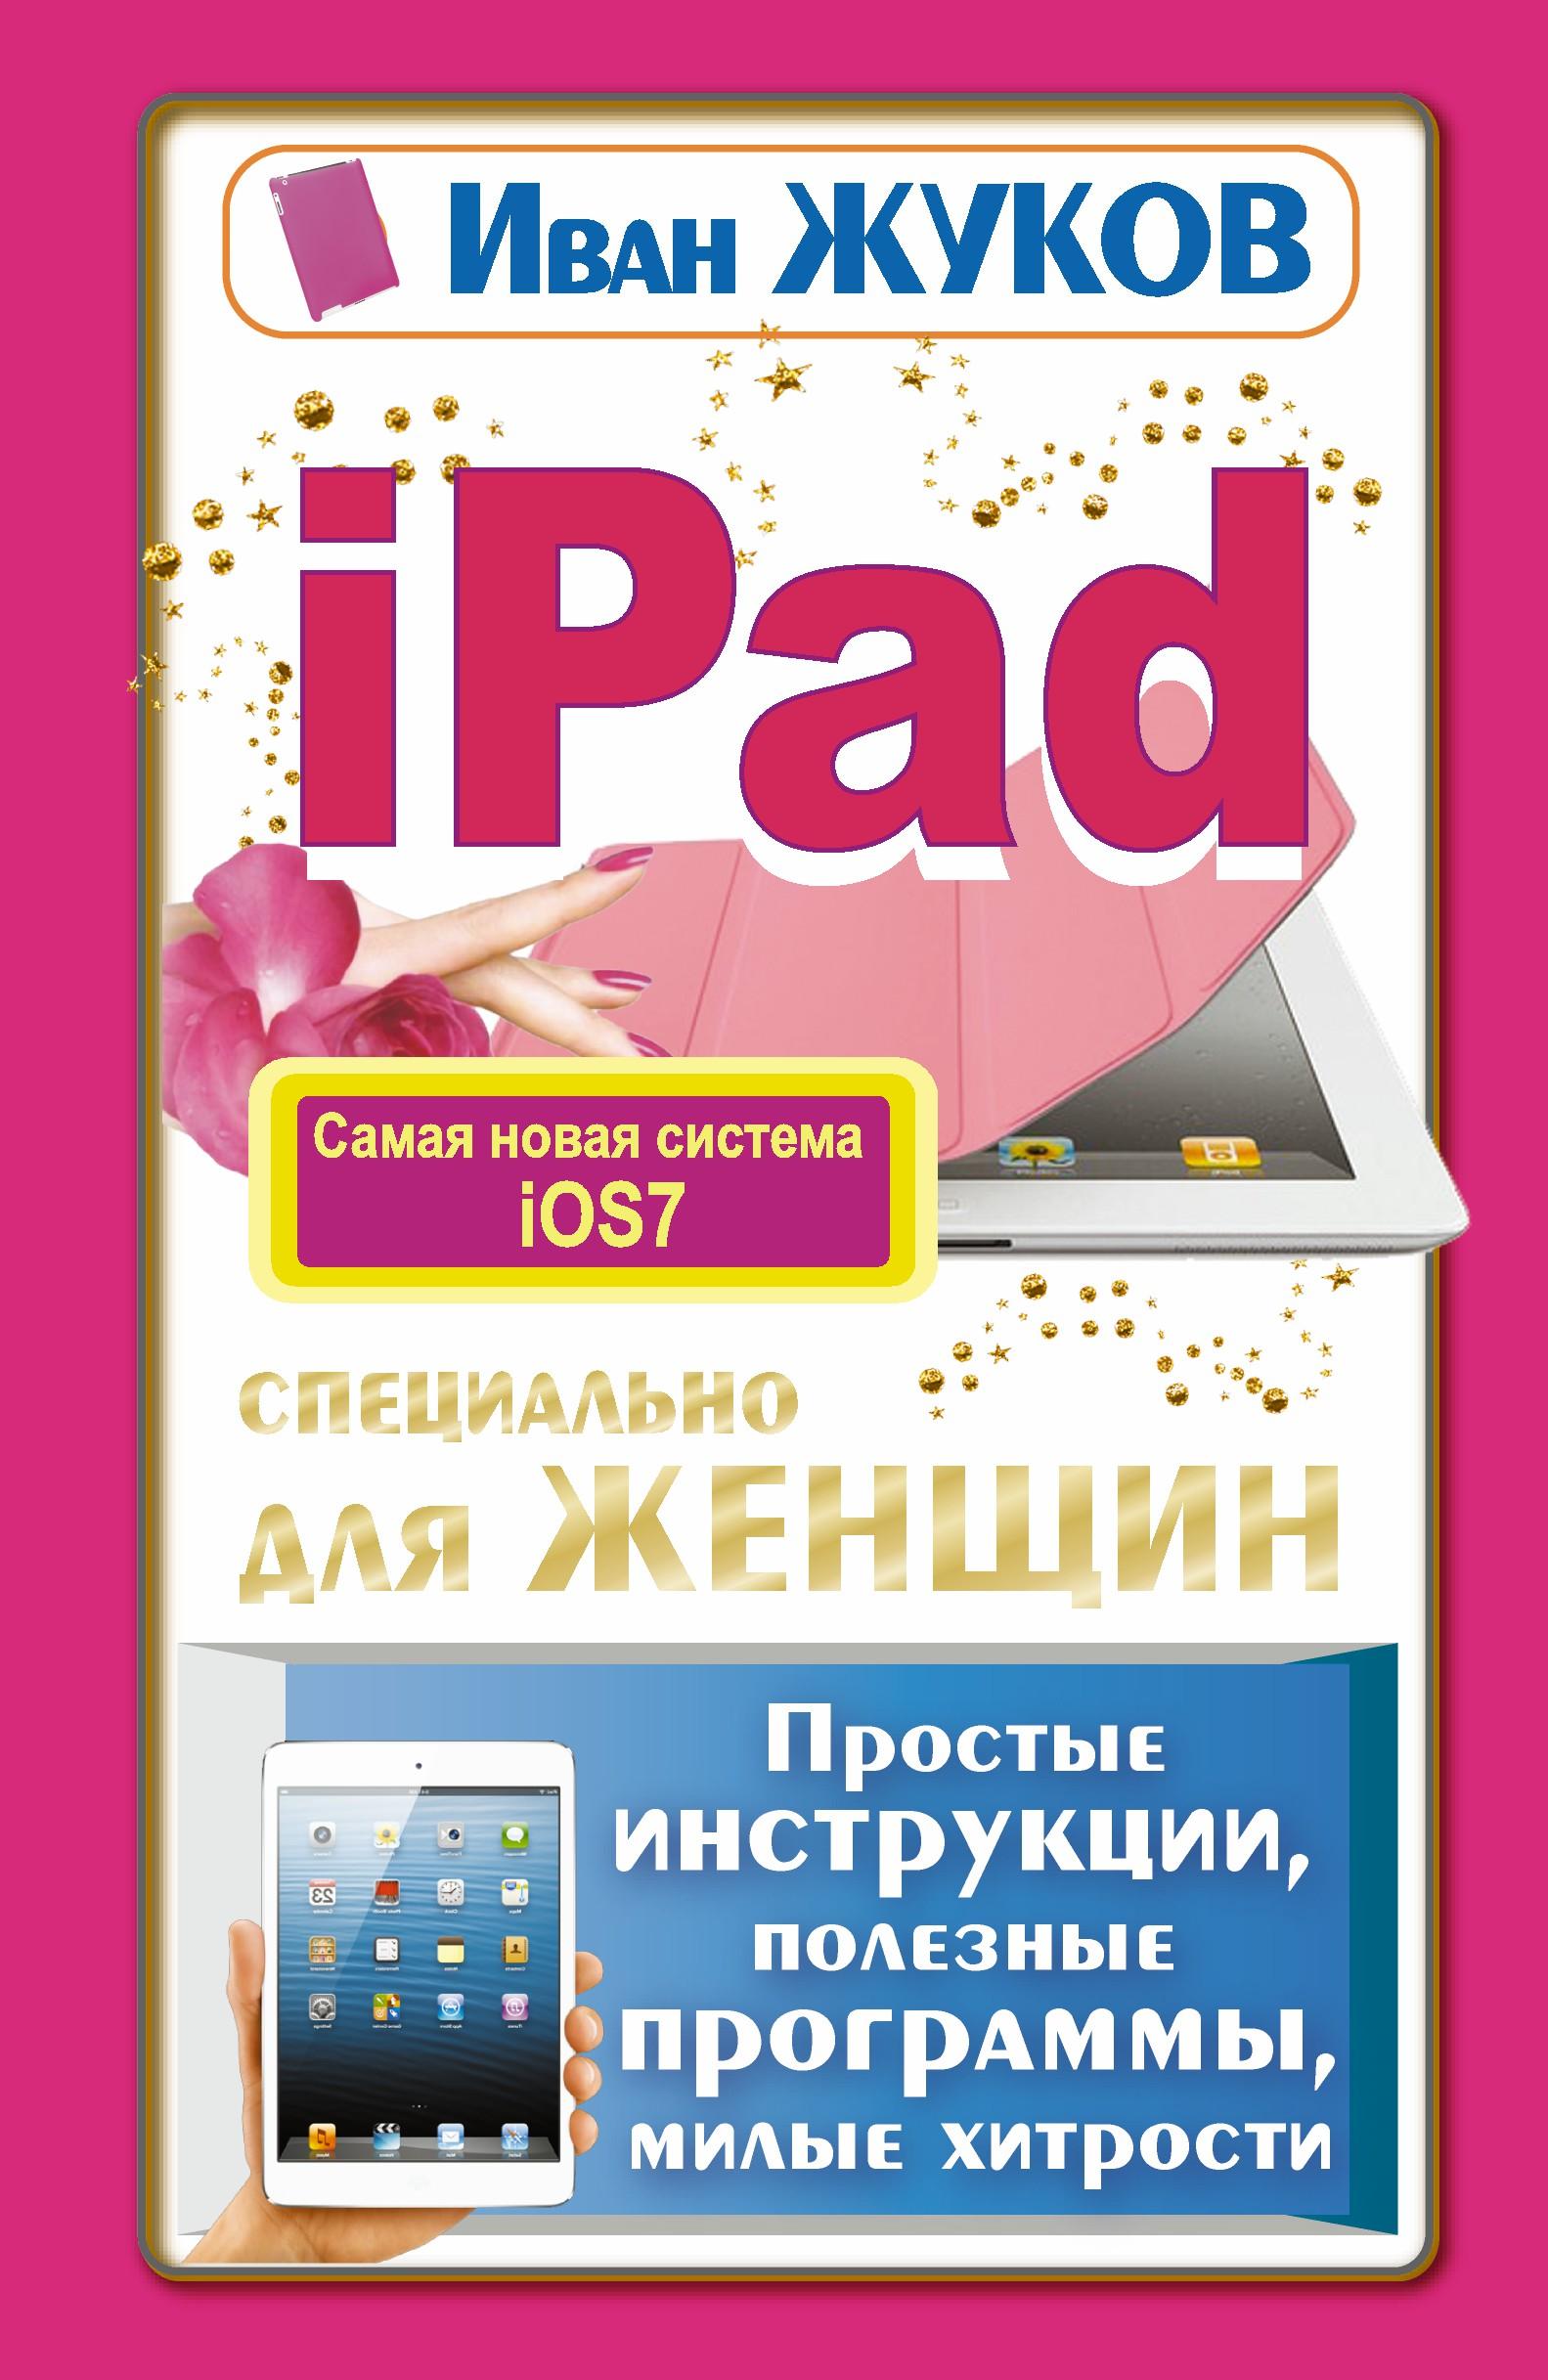 Иван Жуков iPad специально для женщин. Простые инструкции, полезные программы, милые хитрости